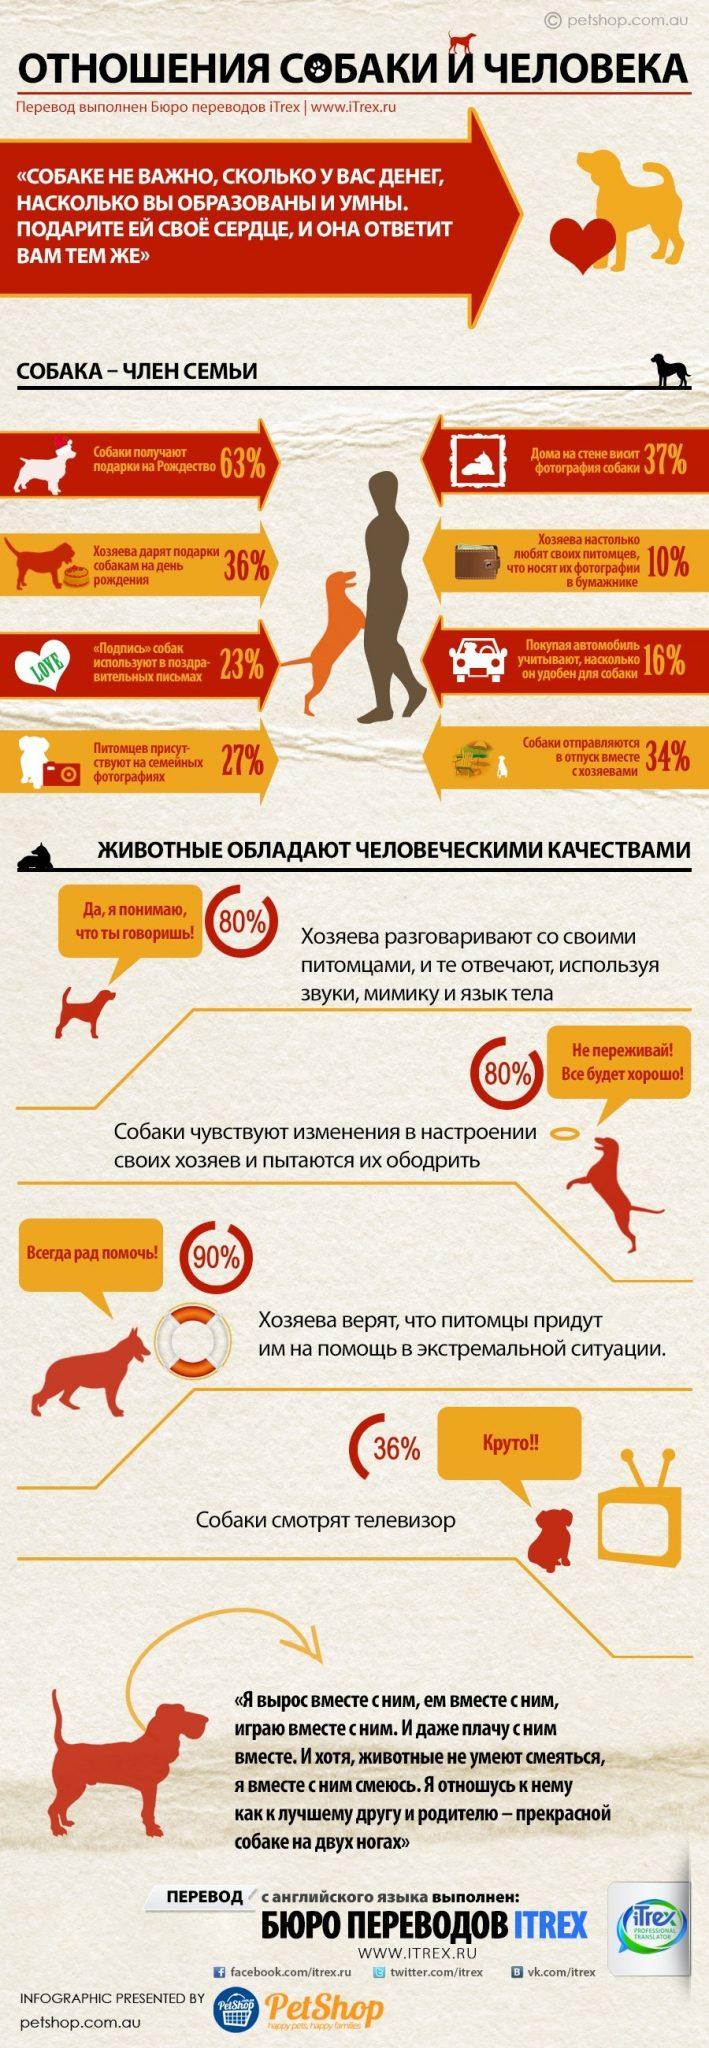 Отношения собаки и человека